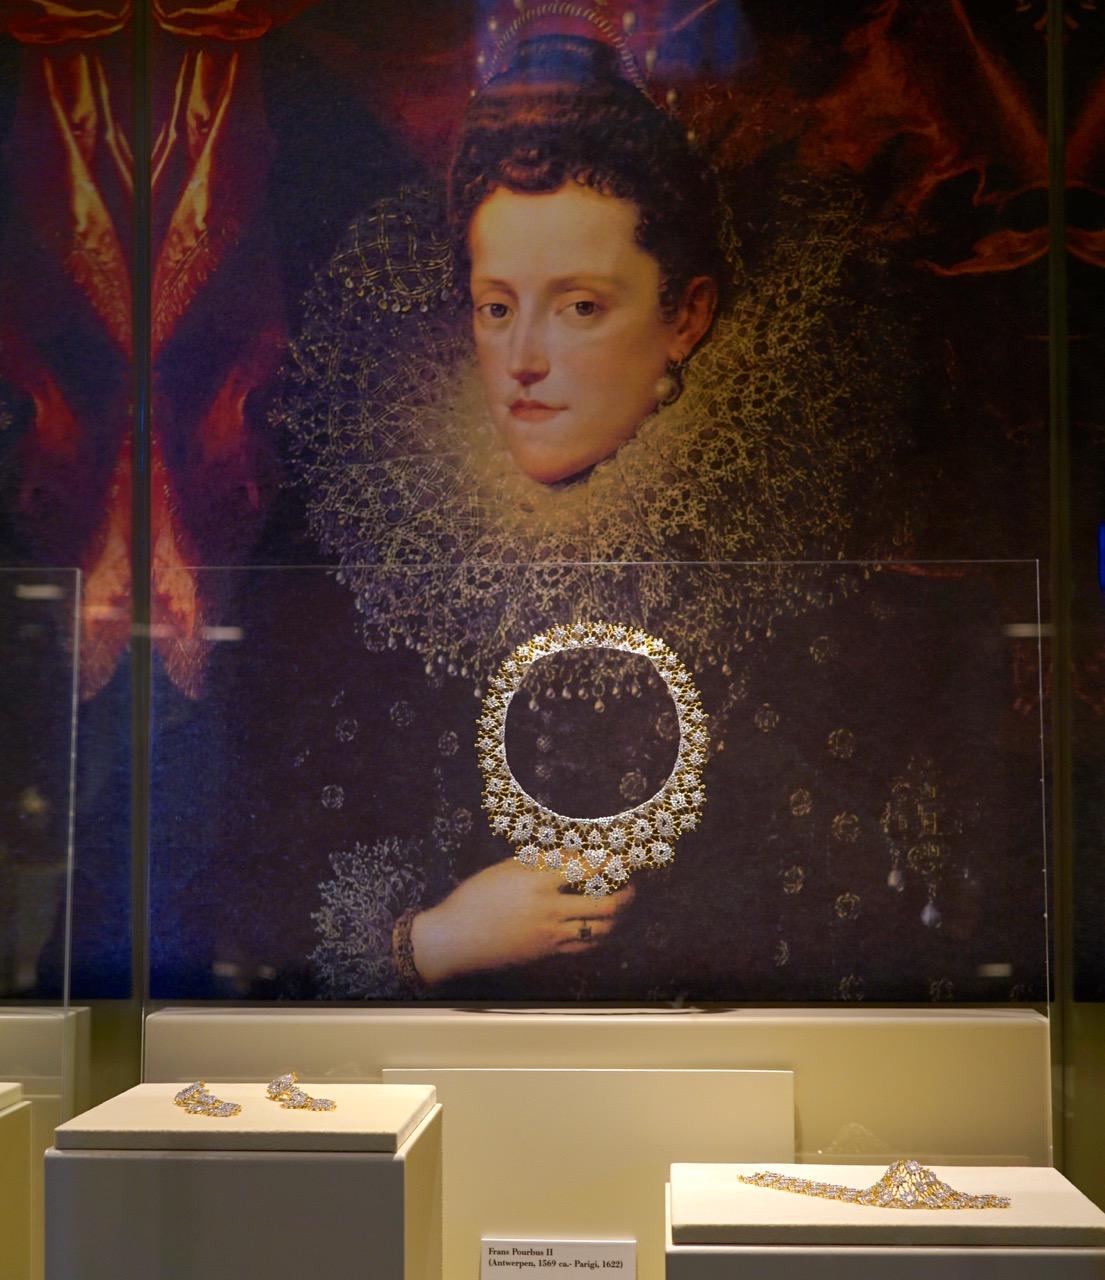 Verdadeiros tesouros!!  Mario gostava de olhar quadros do século XVII como inspiração.  Da renda deste, ele criou o colar.